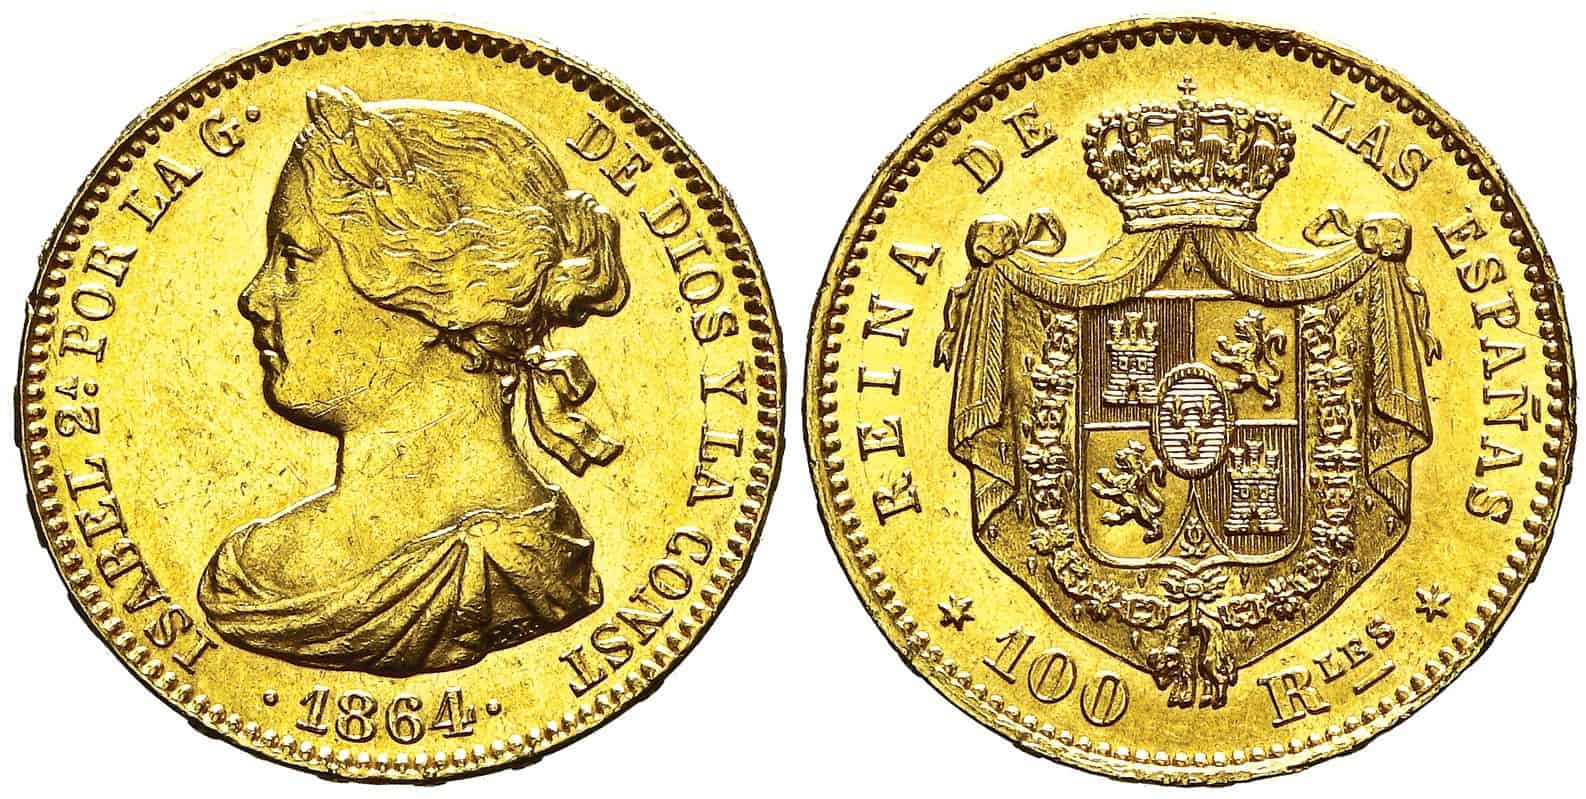 100 reales Madrid 1864